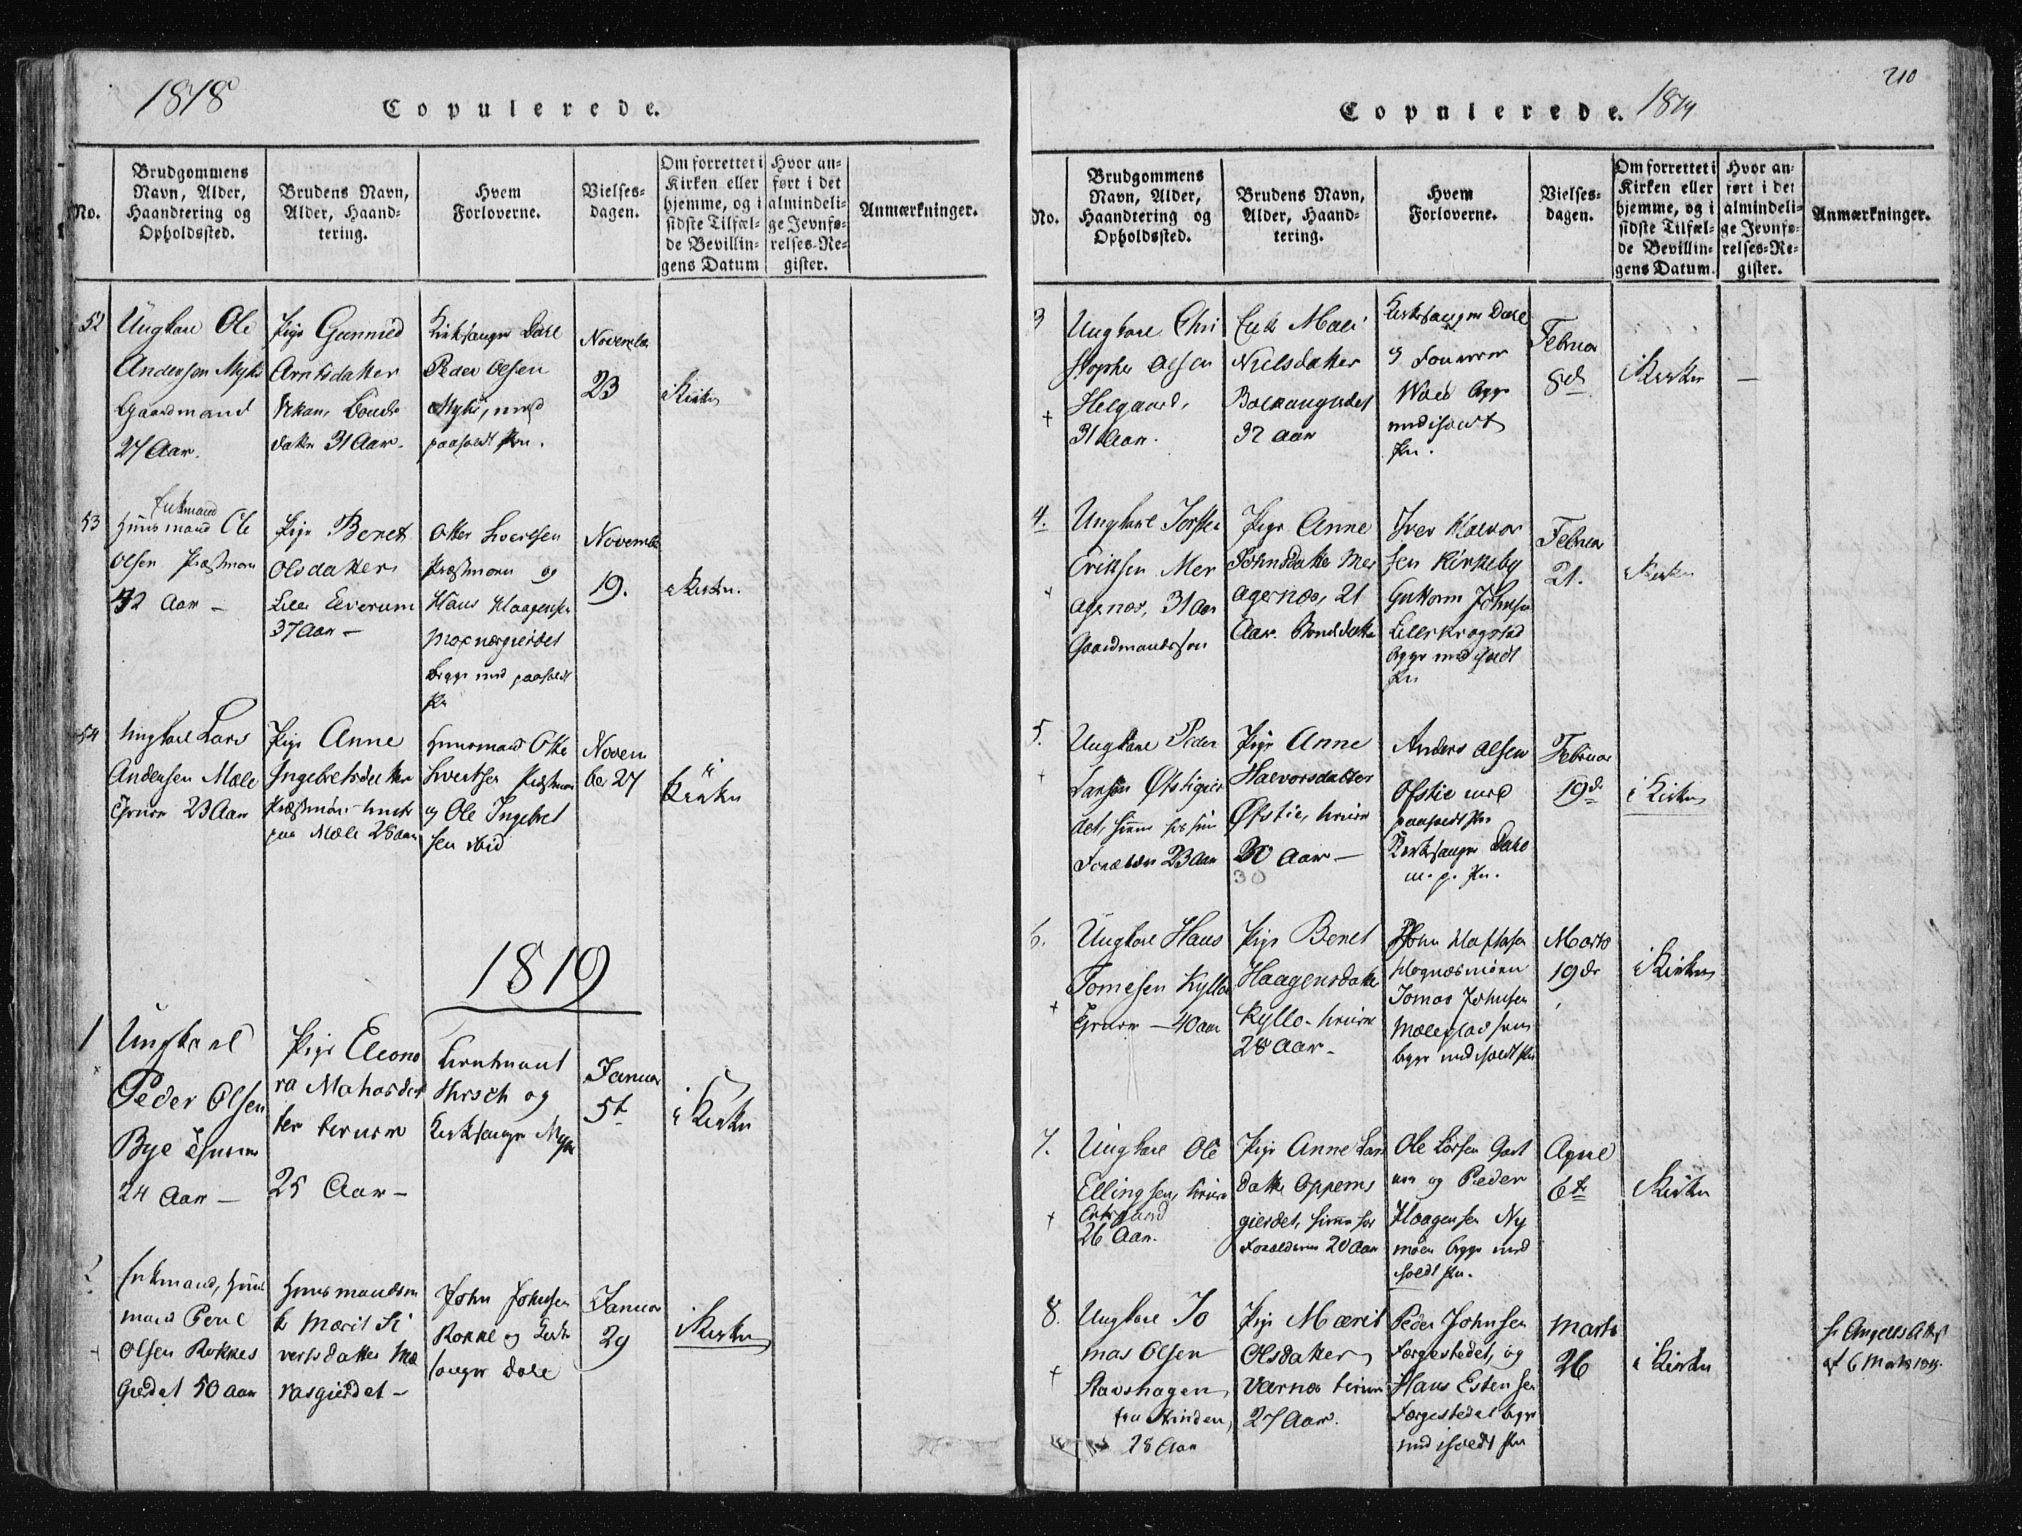 SAT, Ministerialprotokoller, klokkerbøker og fødselsregistre - Nord-Trøndelag, 709/L0061: Ministerialbok nr. 709A08 /1, 1815-1819, s. 210